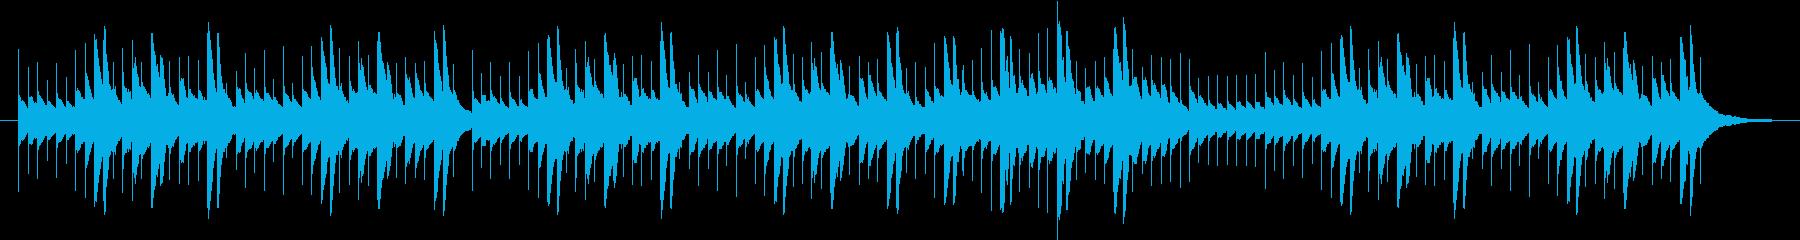 エリーゼのために、オルゴール風の再生済みの波形